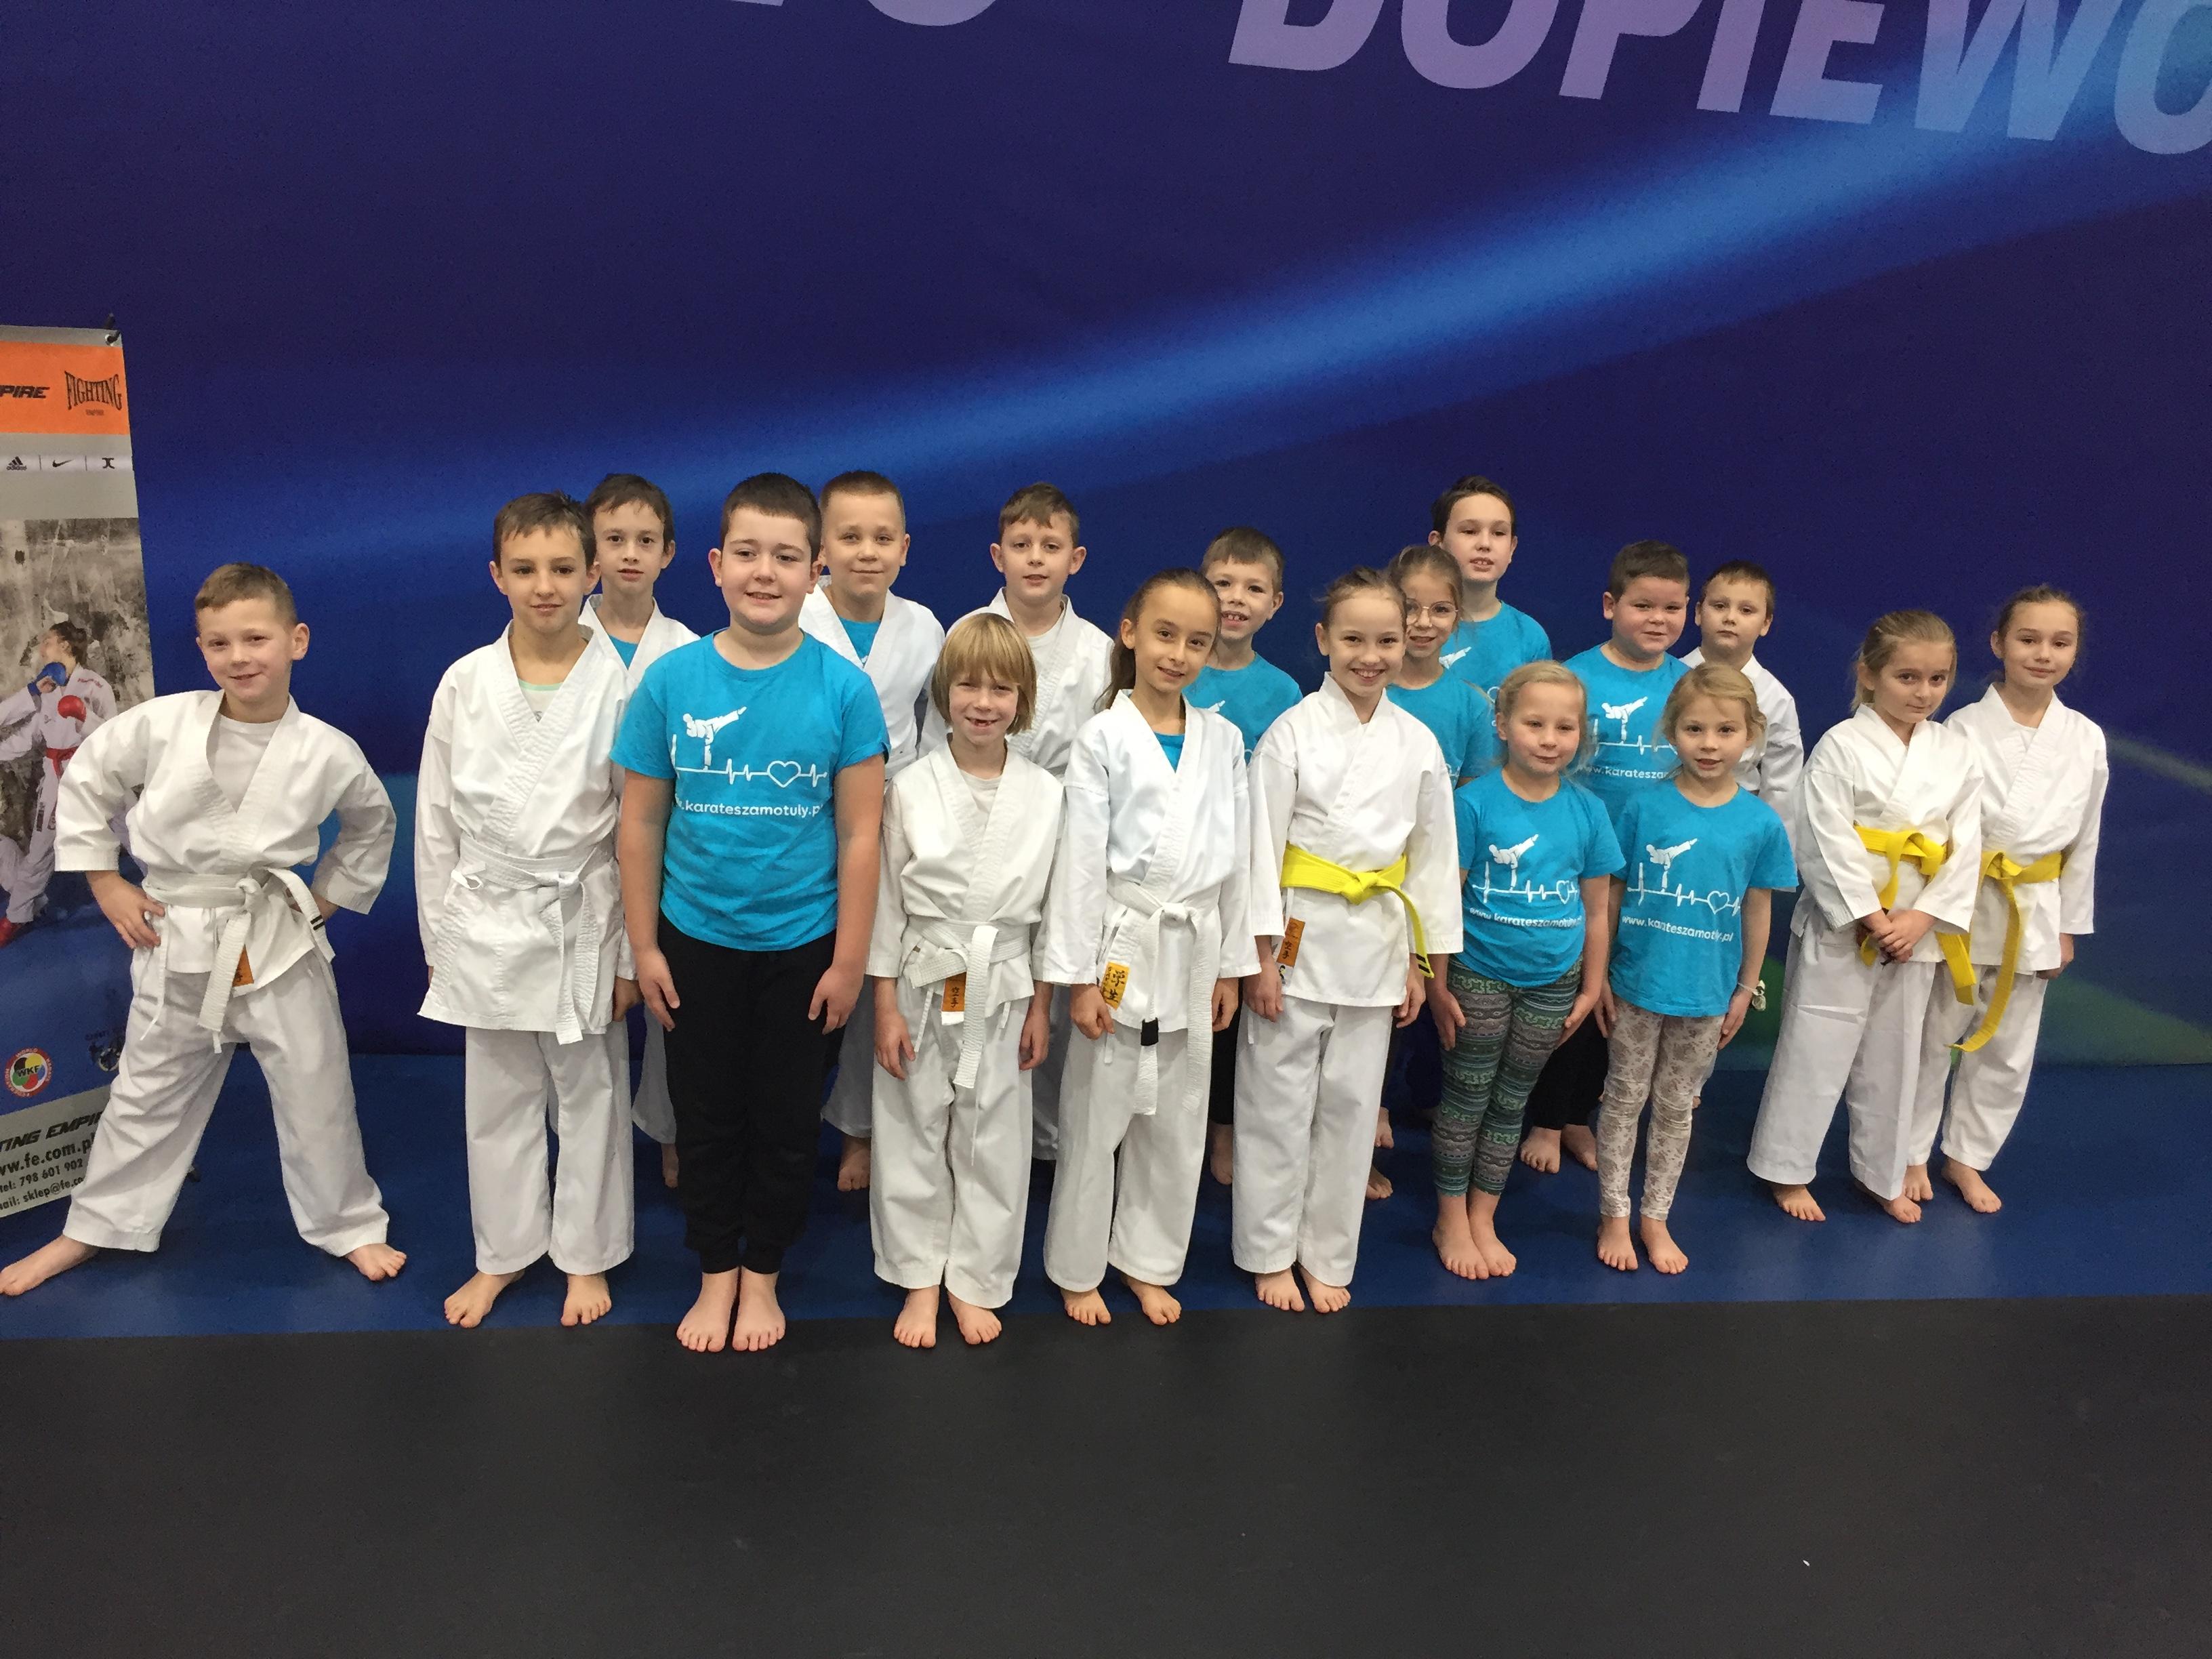 Turniej Karate w Dopiewie